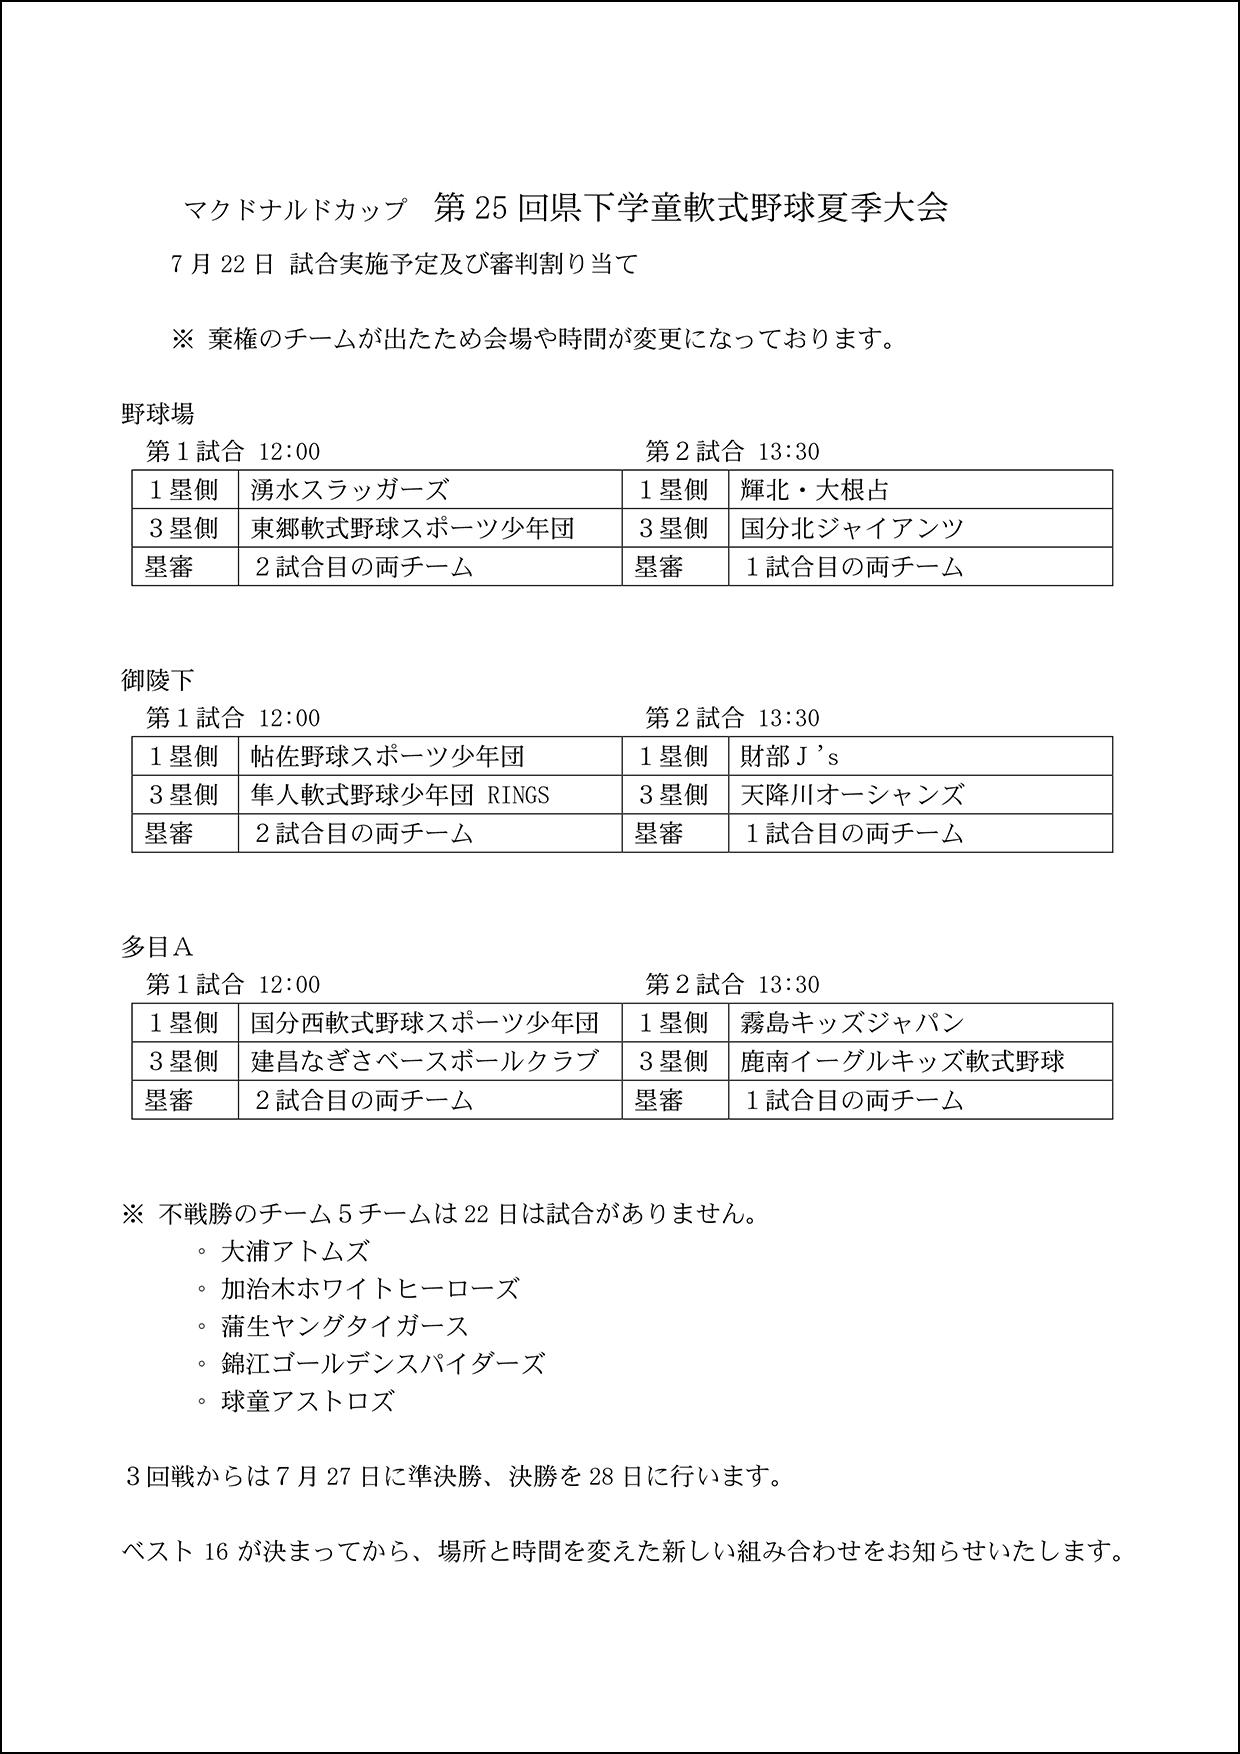 【変更】第25回県下学童軟式野球夏季大会